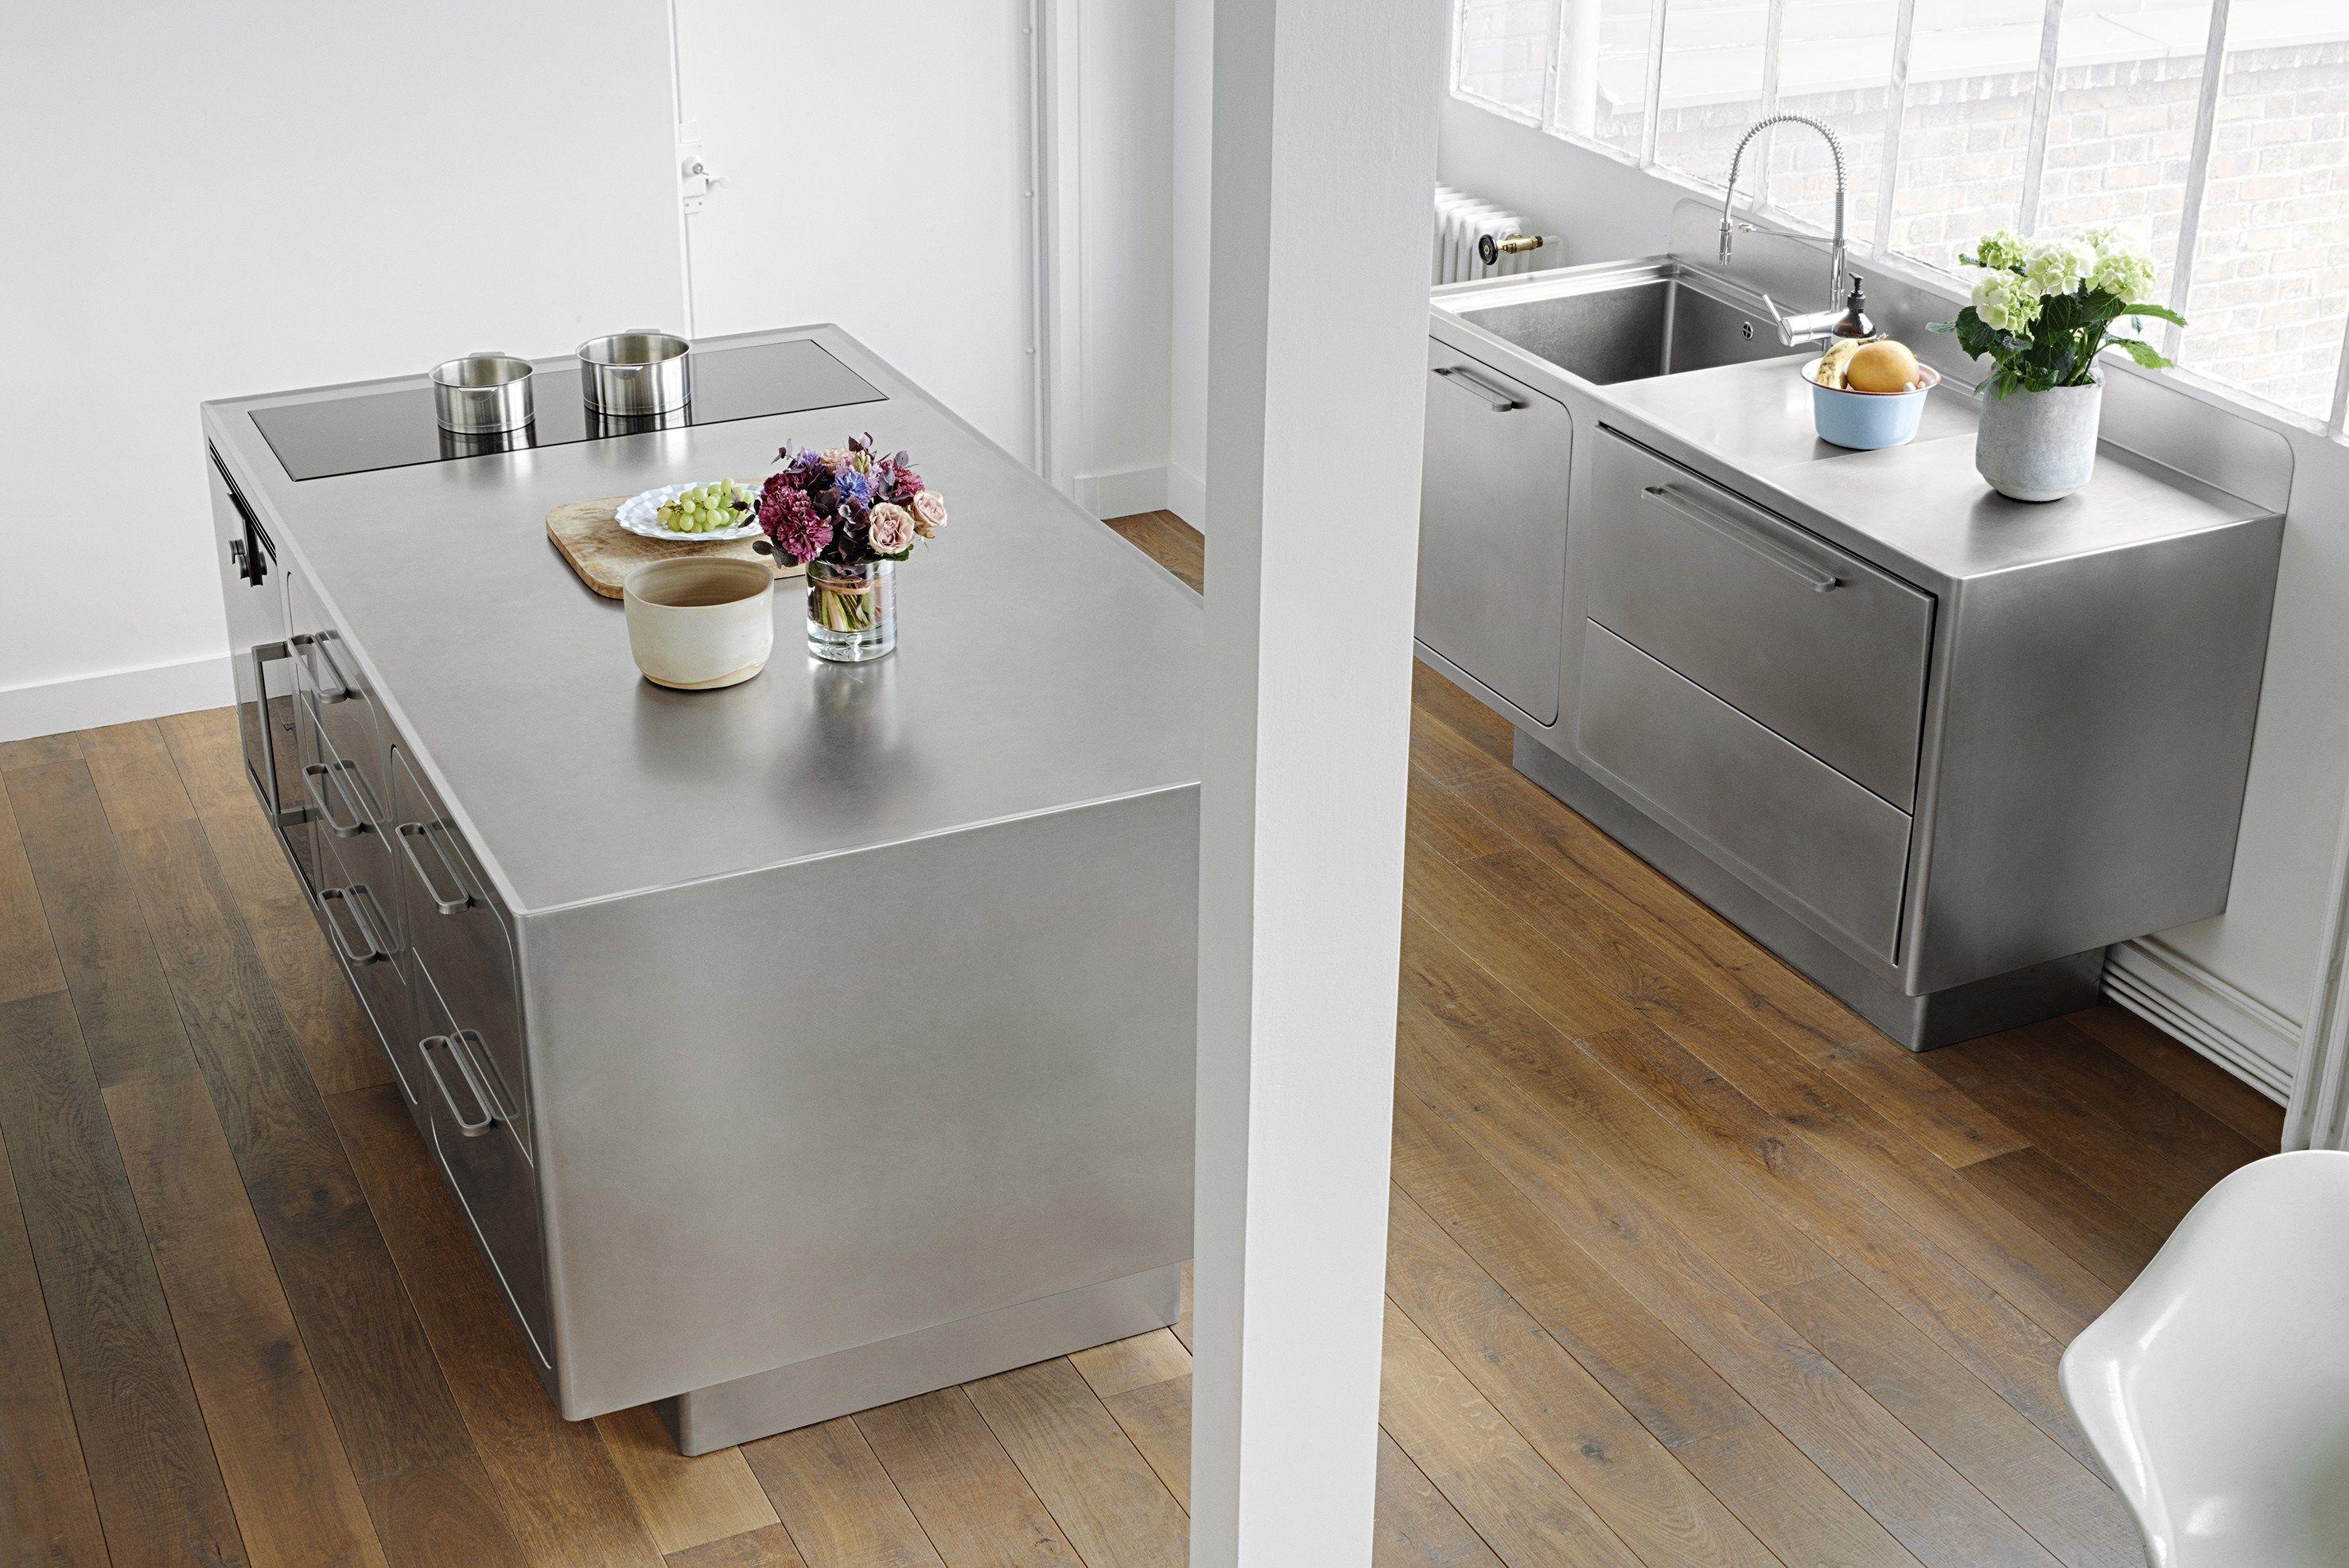 küche aus edelstahl für gewerbe ego by abimis design alberto torsello - Edelstahlplatte Küche